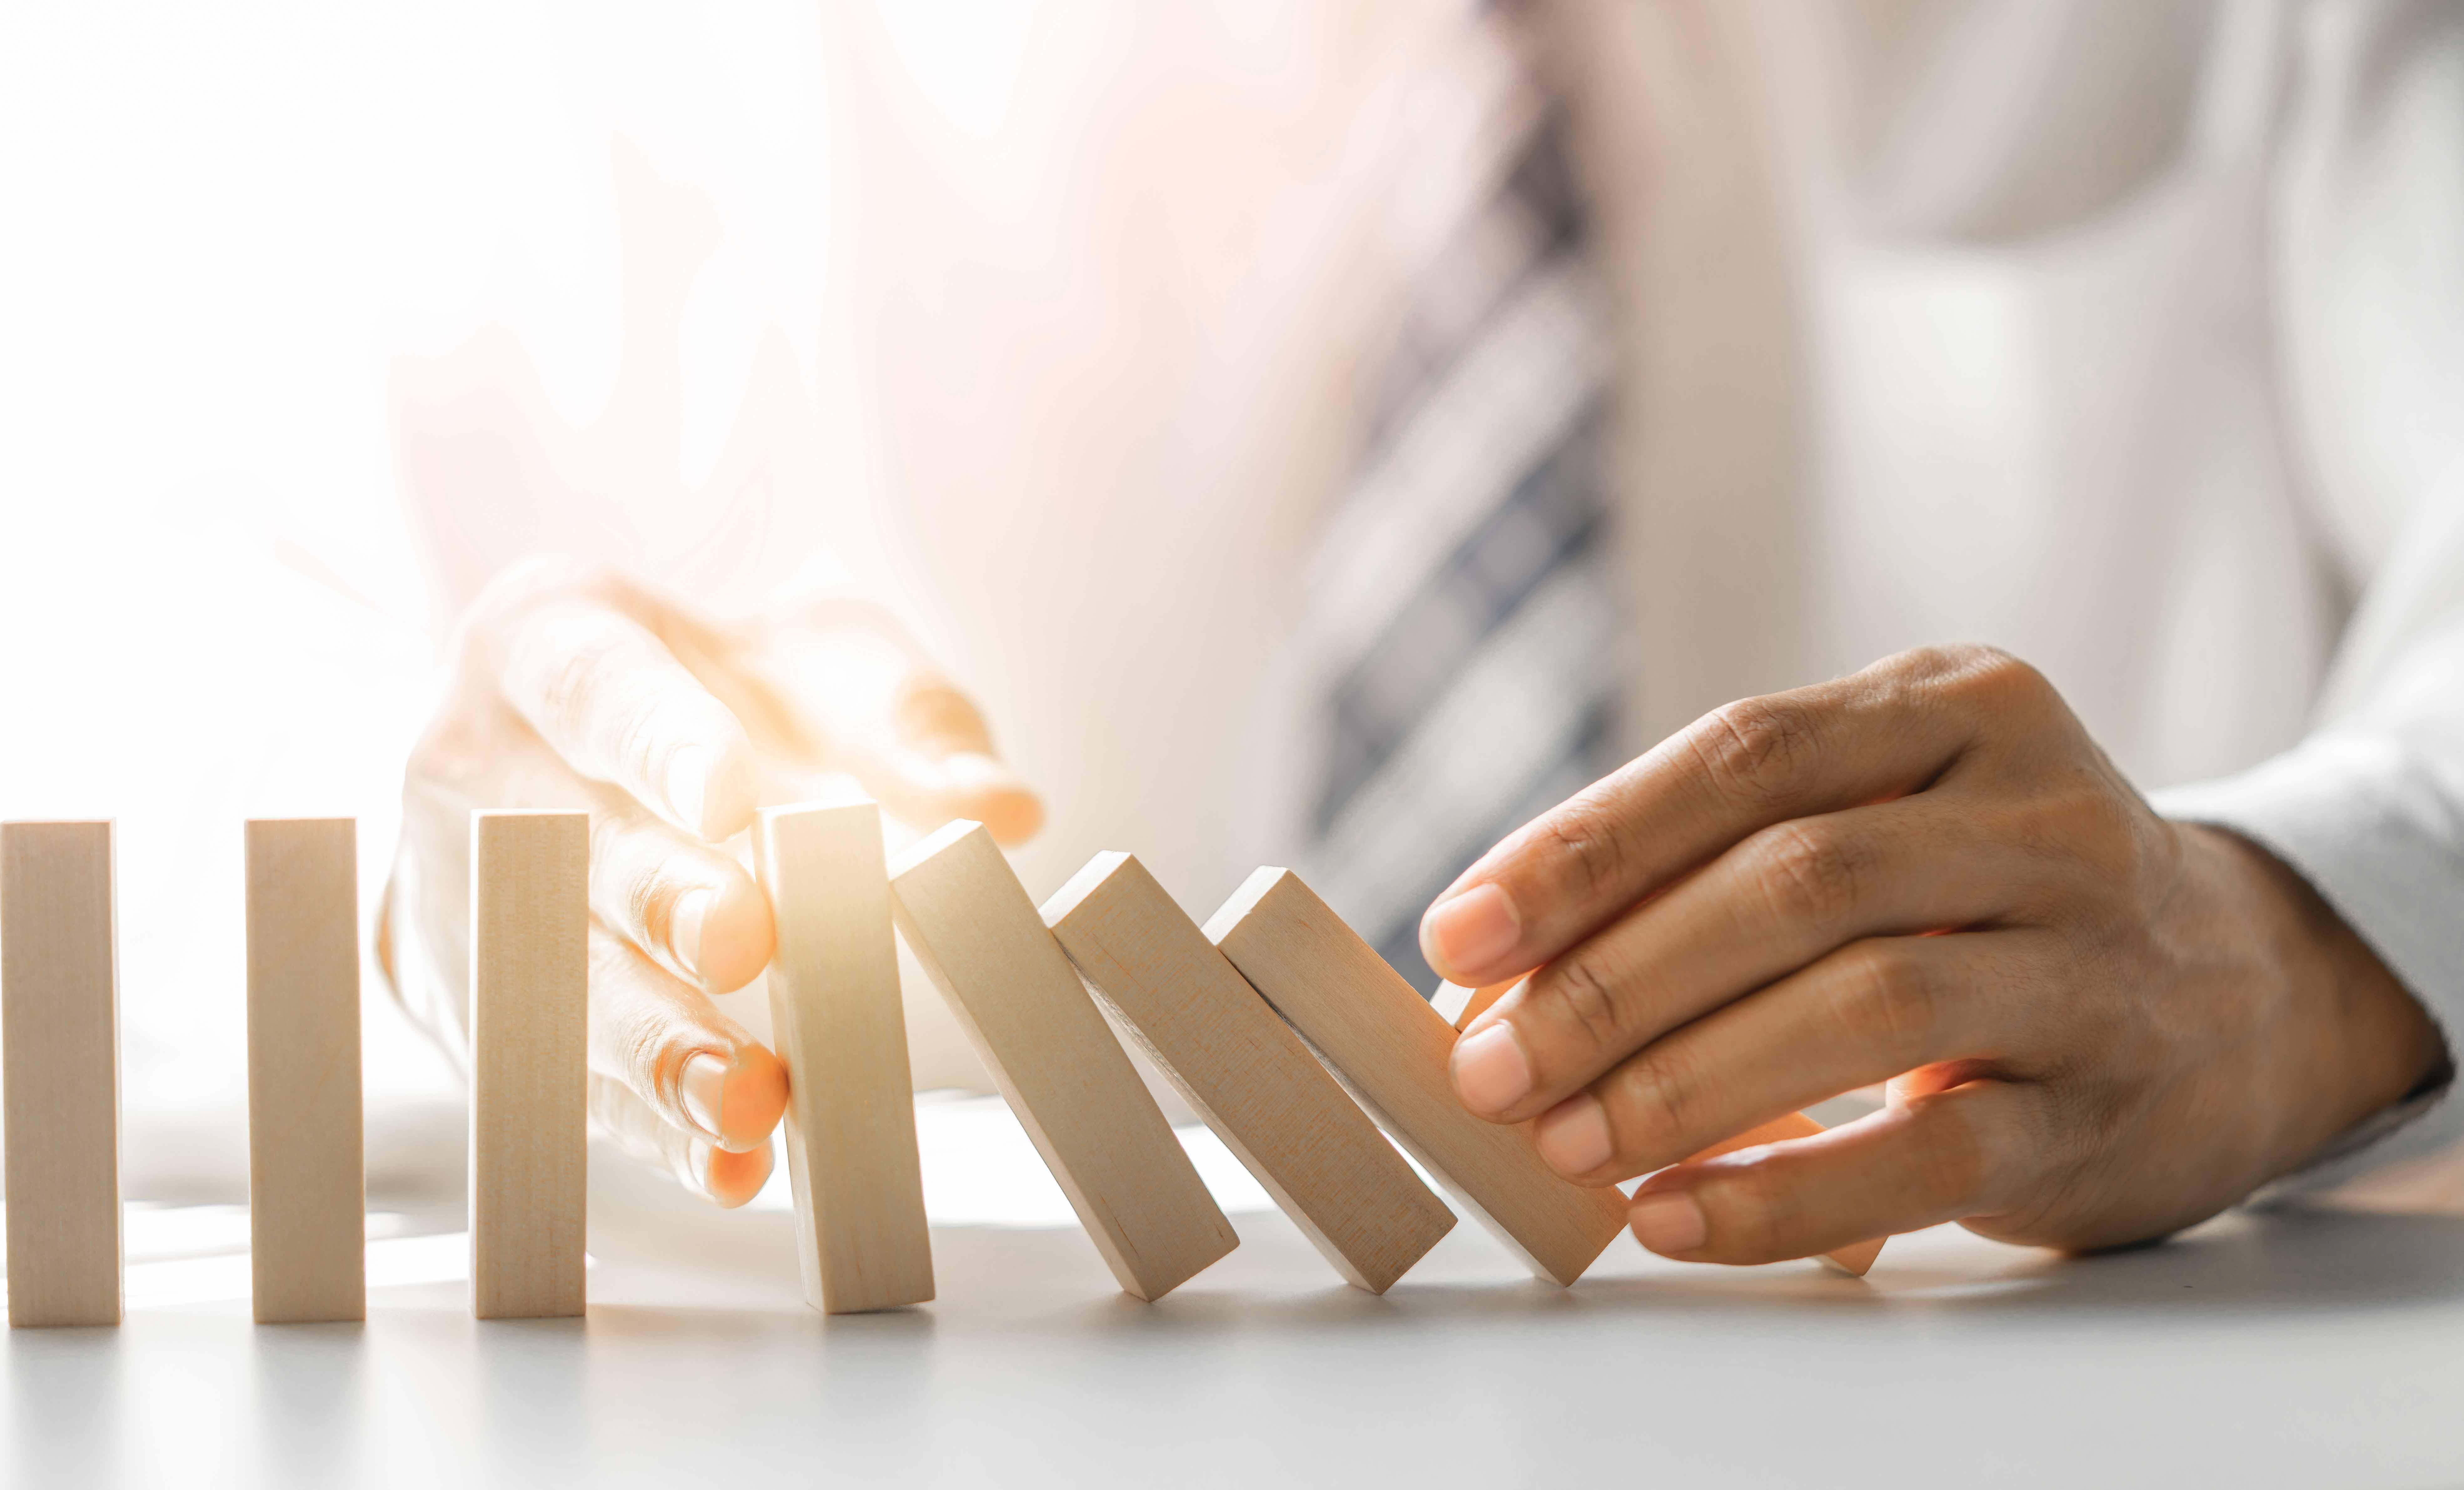 Empresas ampliarán alcance de programas de compliance para reducir riesgos legales